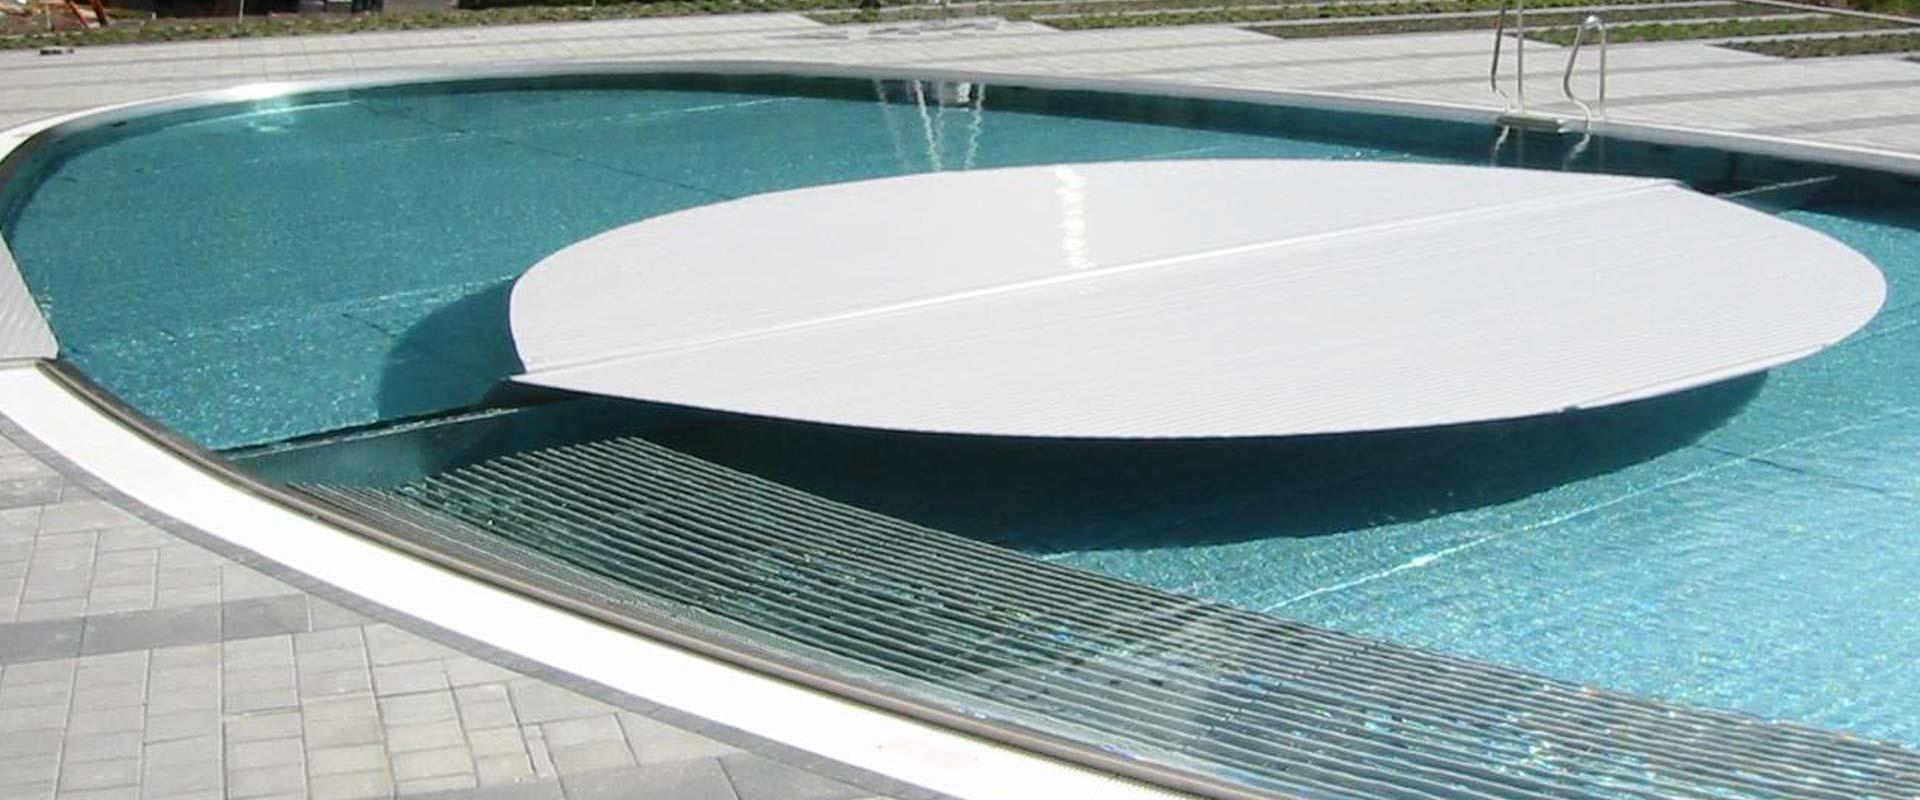 Volet de piscine automatique type ibs 8 grando gmbh fr for Bac pour piscine